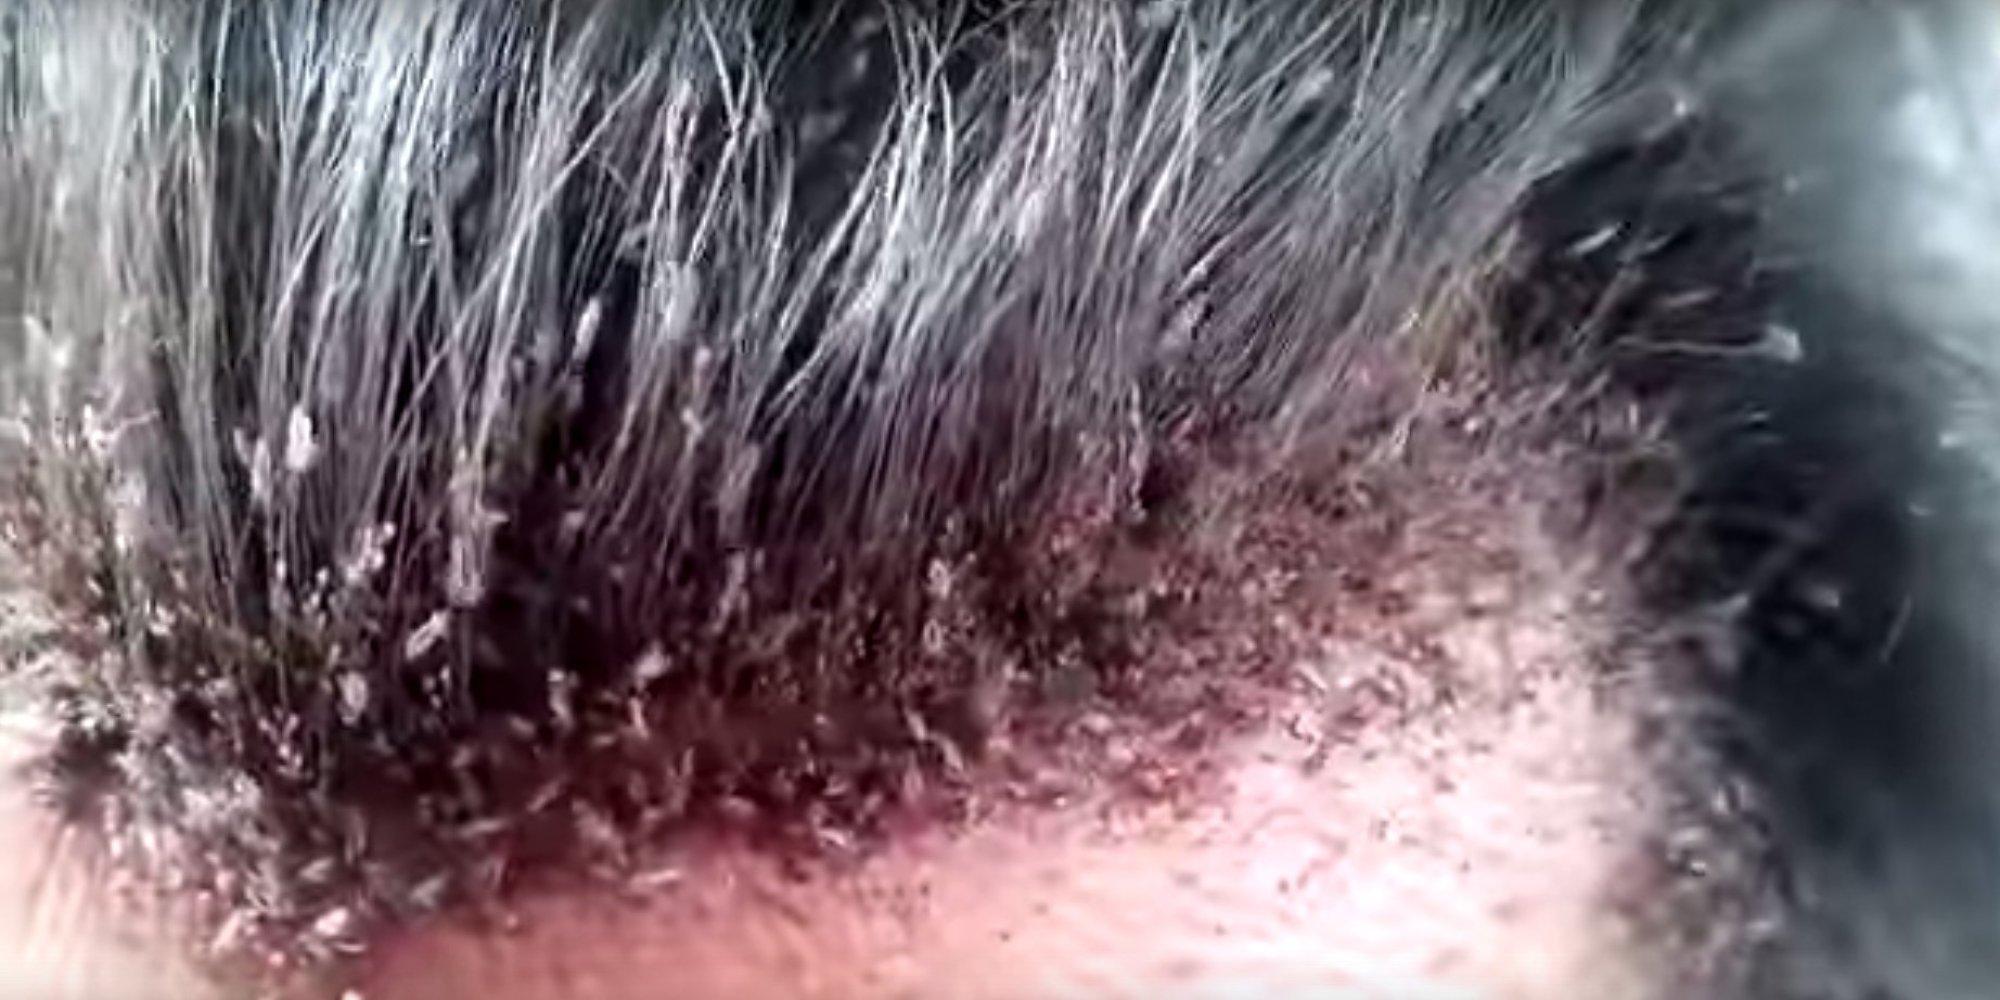 vido rpugnante cet homme a les cheveux remplis de poux - Poux Sur Cheveux Colors